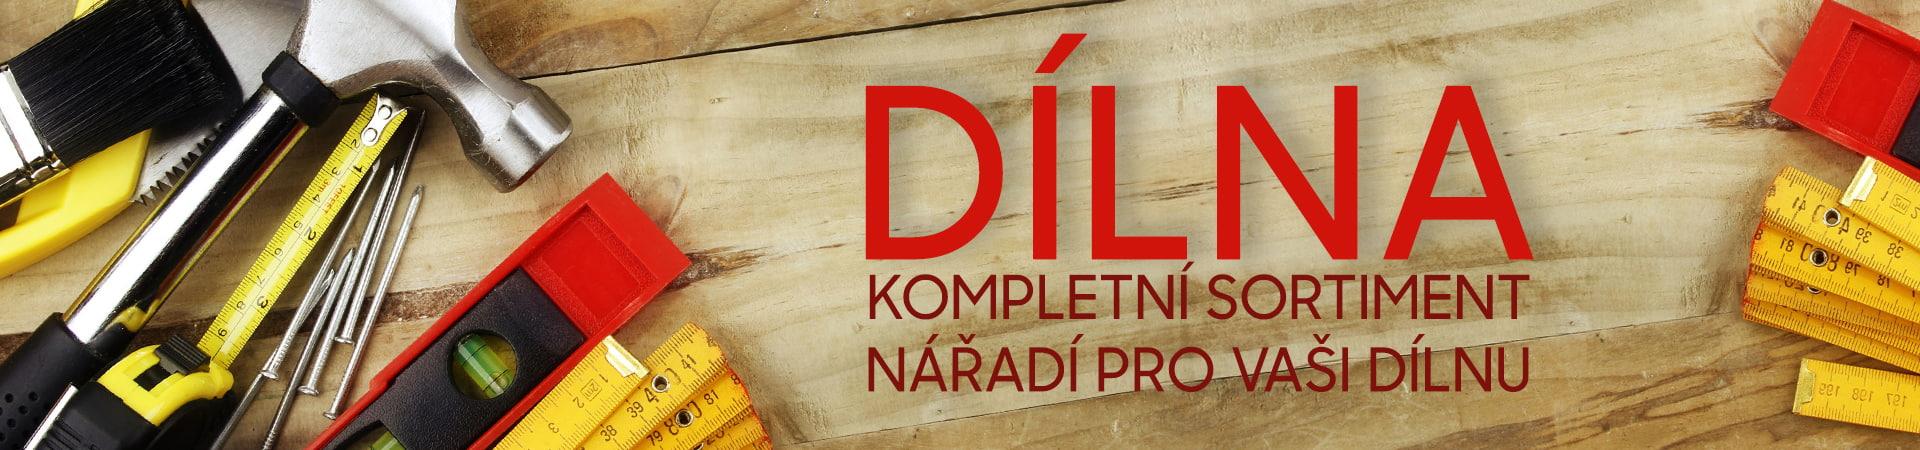 banner-dilna